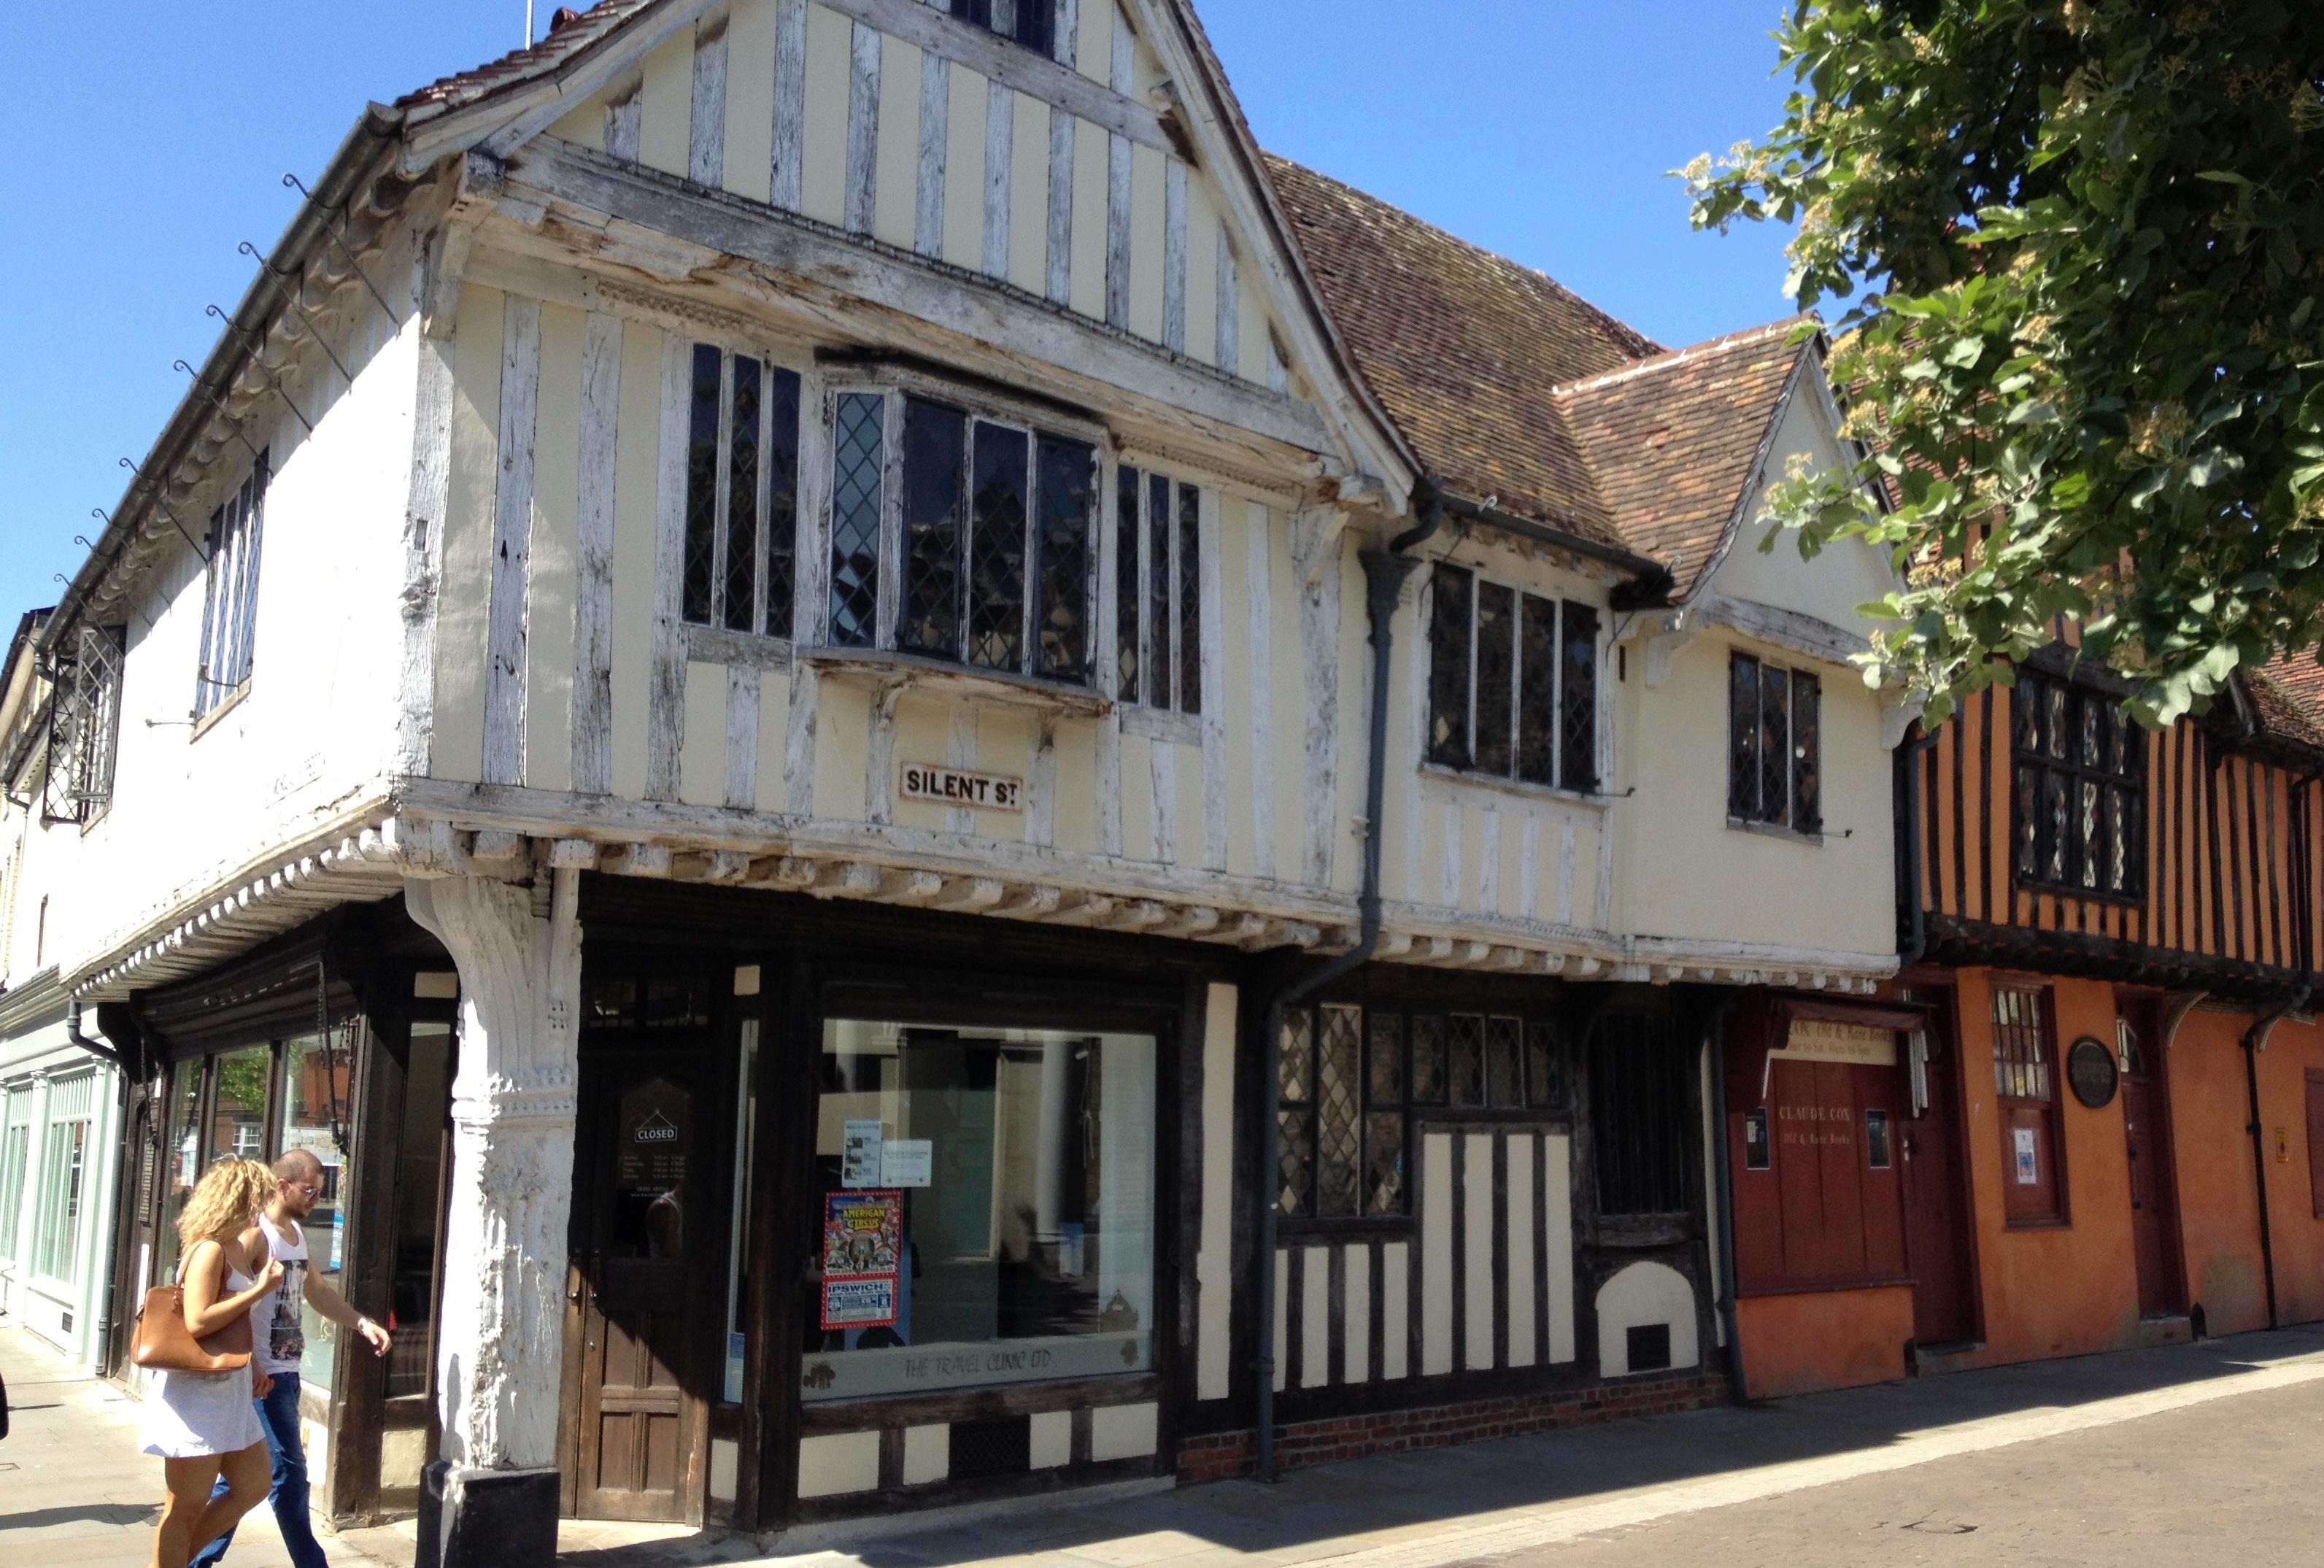 visiter la vieille ville d'Ipswich